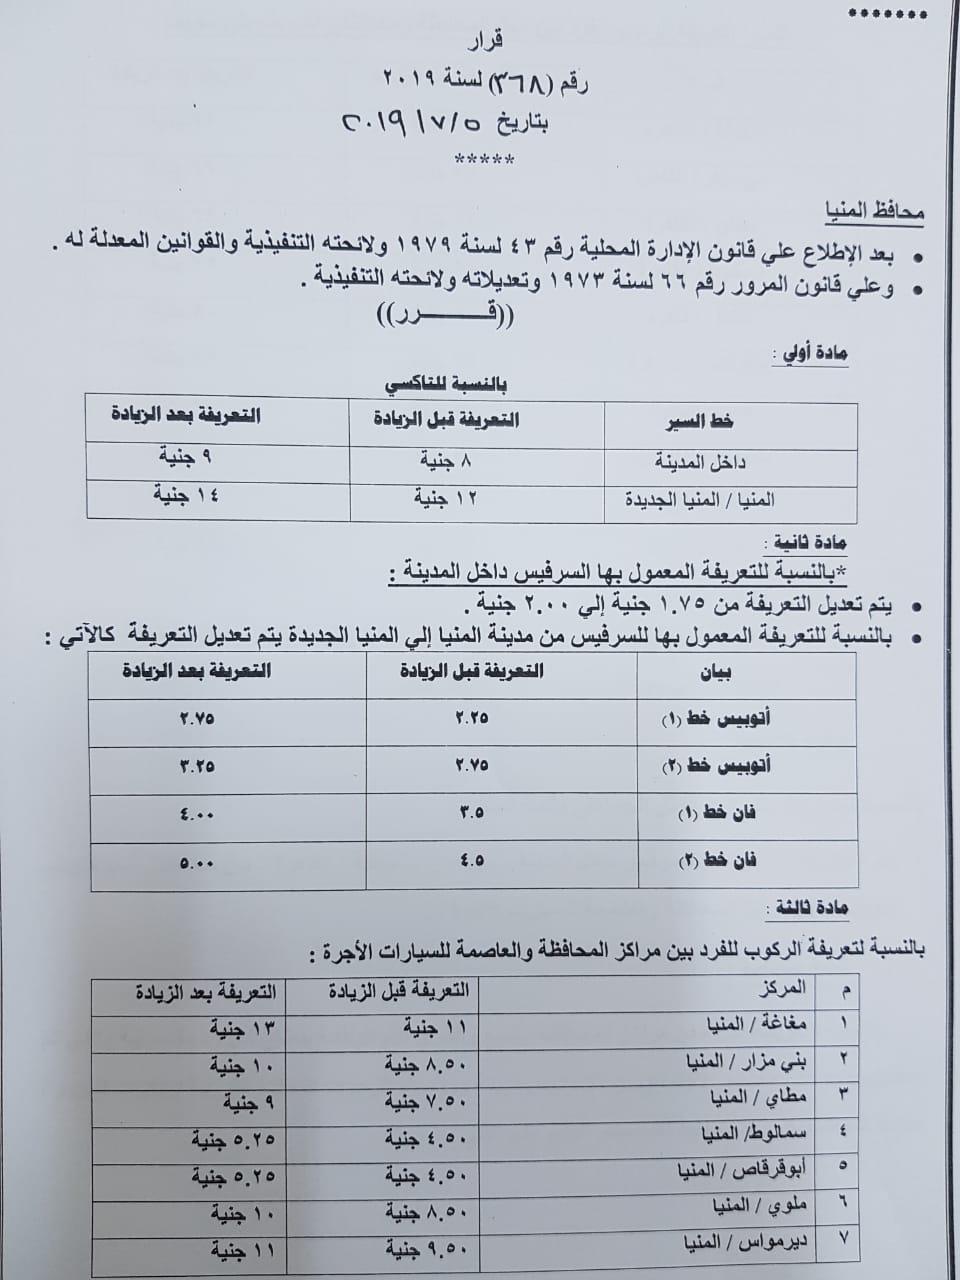 تعريفة الأجرة الجديدة بالمنيا (2)